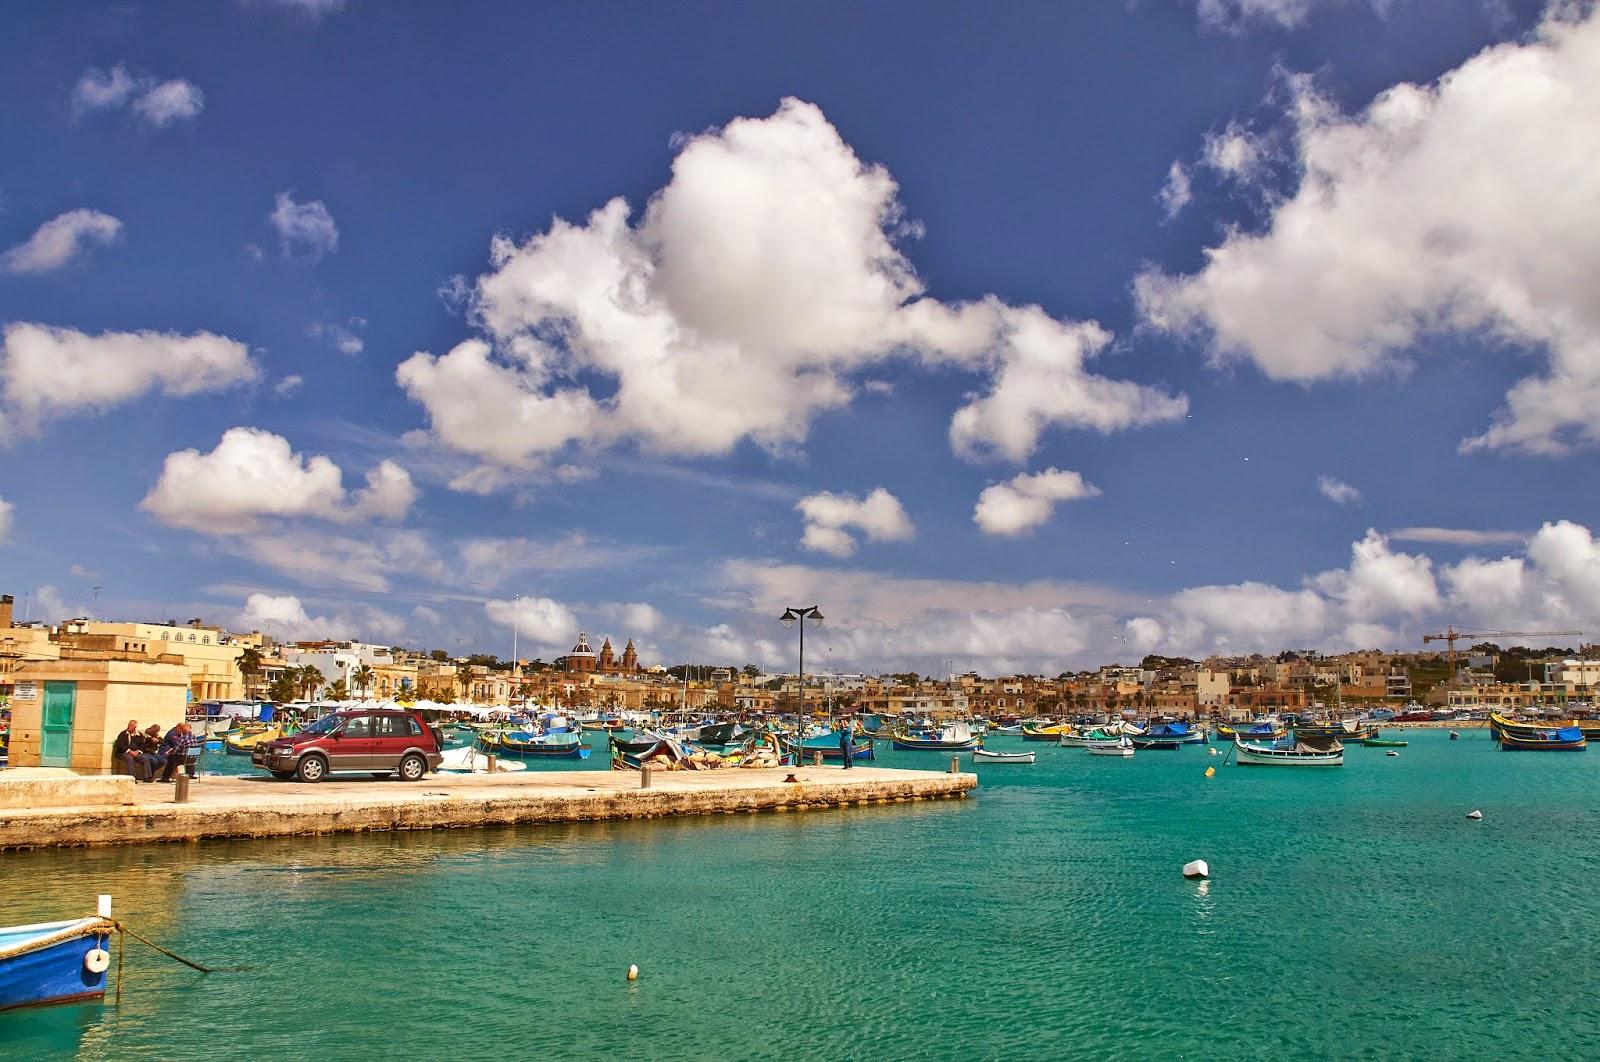 ciekawe miejsca na Malcie, które trzeba zobaczyć?